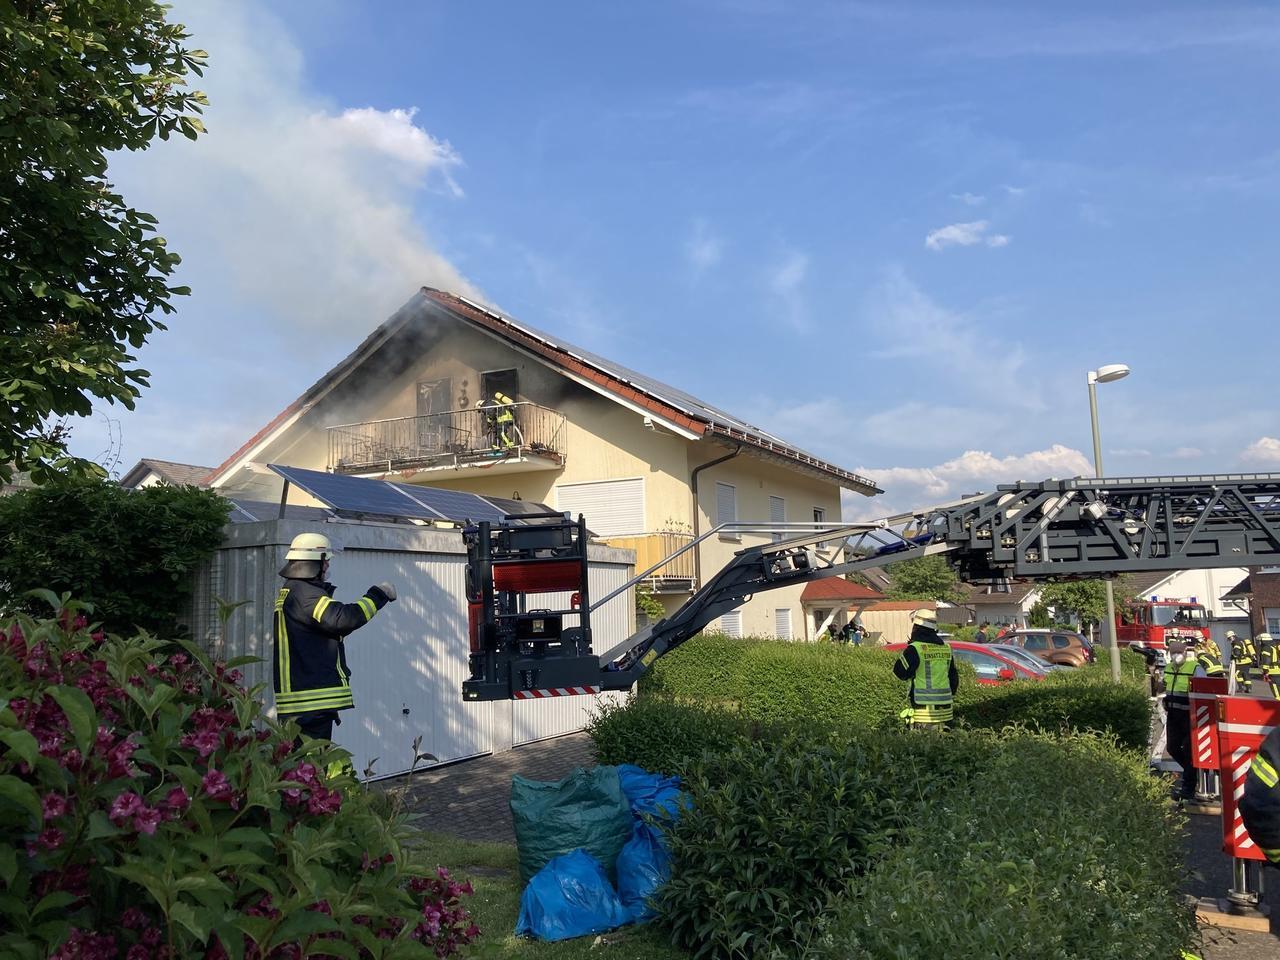 Feuerwehr löscht Dachstuhlbrand in Honneroth: Bewohner unverletzt